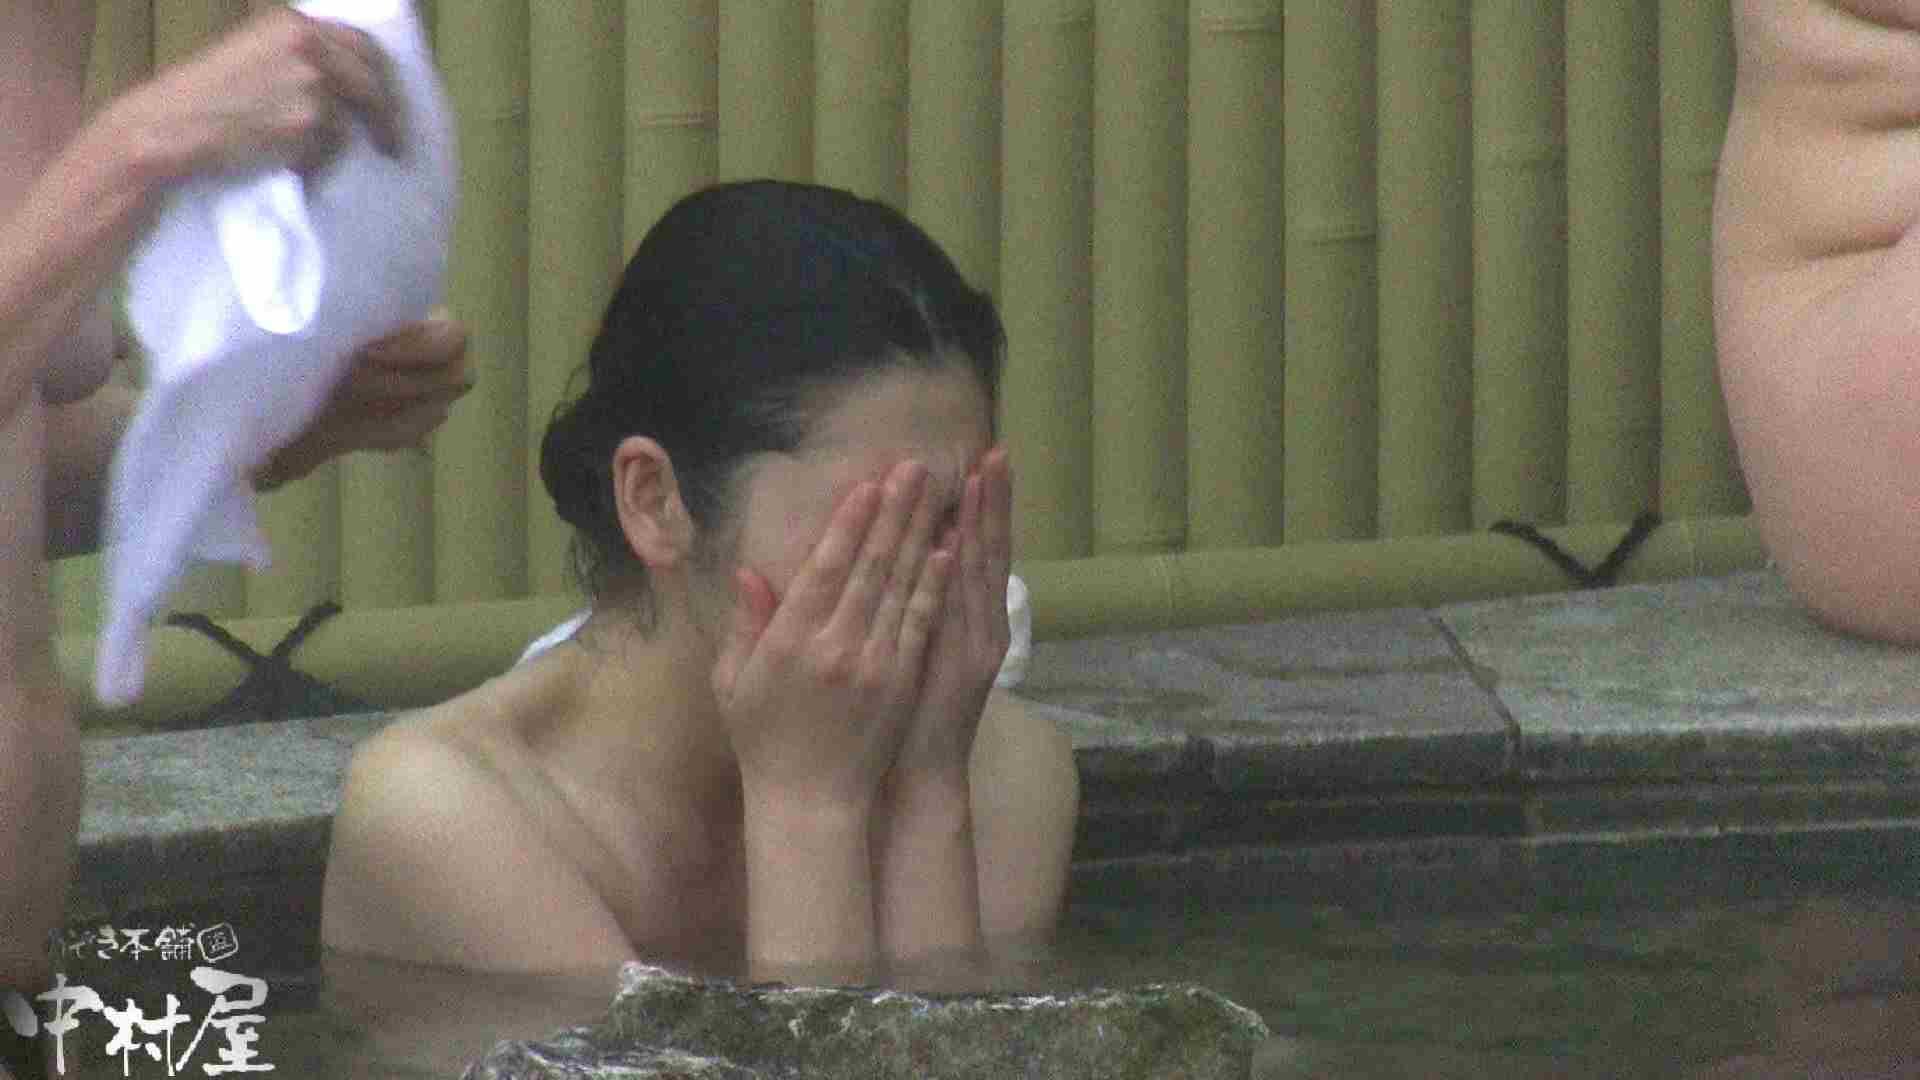 Aquaな露天風呂Vol.917 盗撮シリーズ  108PIX 56